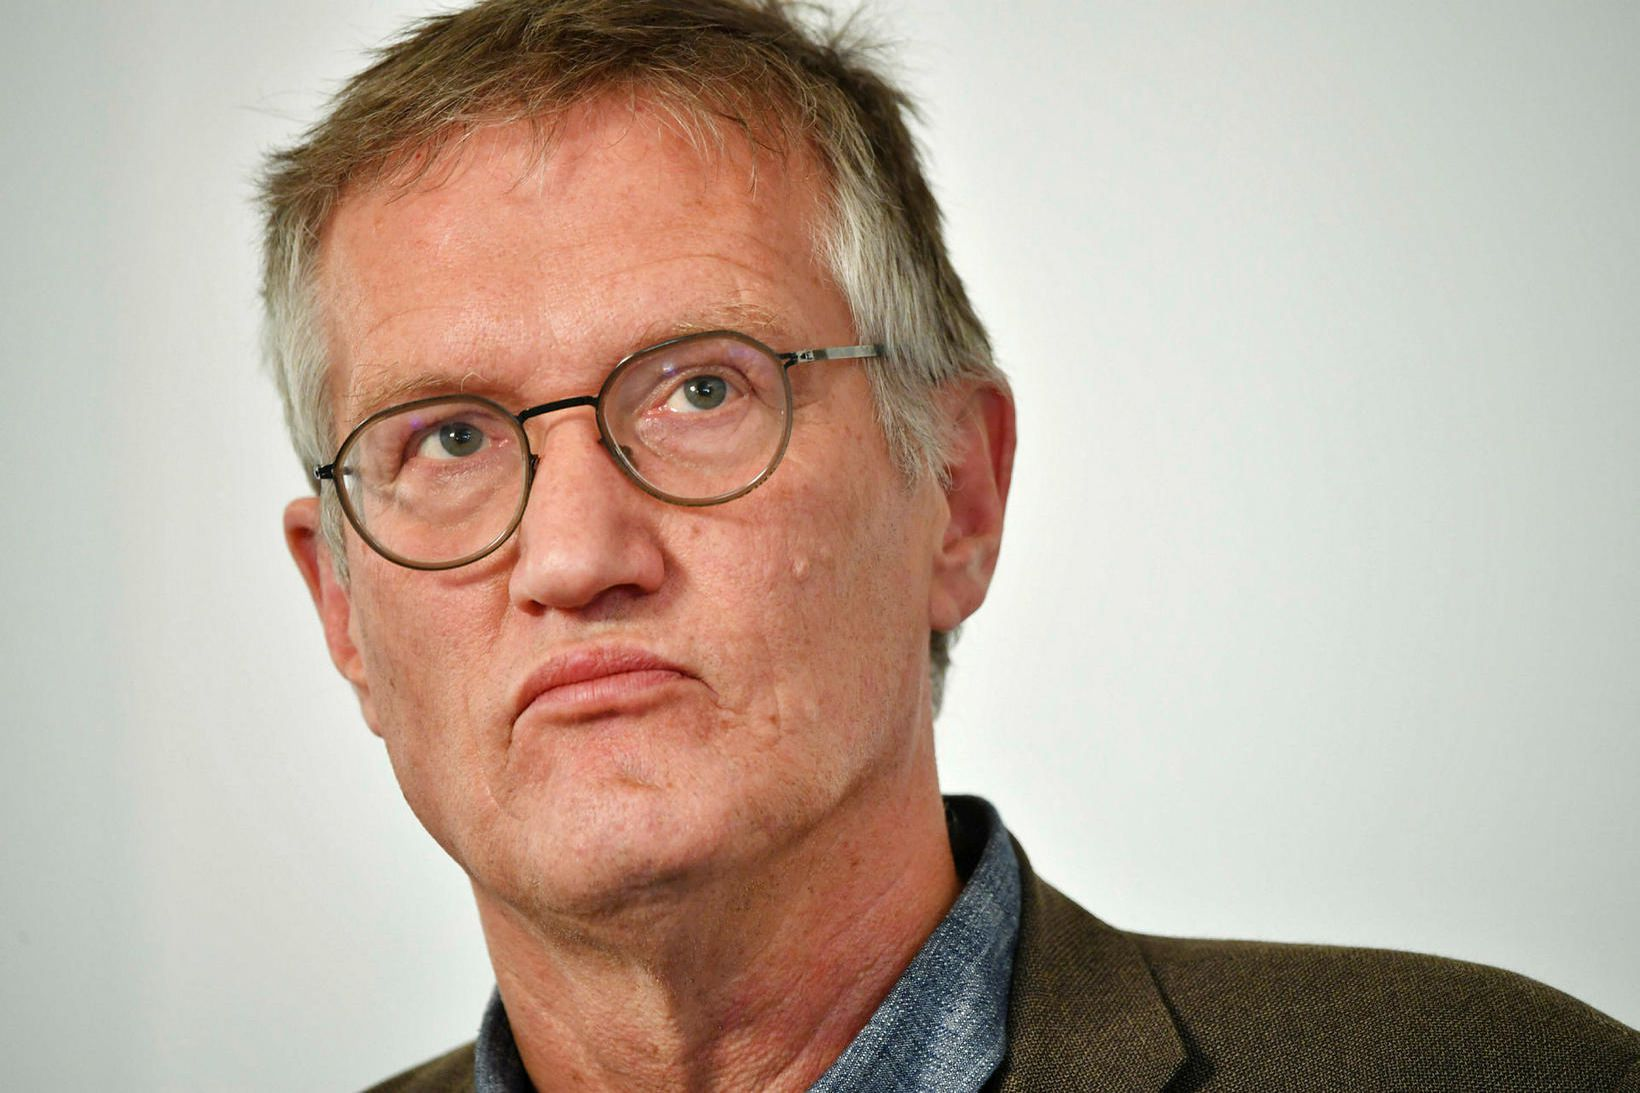 Anders Tegnell hefur nálgast heimsfaraldurinn öðruvísi en kollegar hans á …